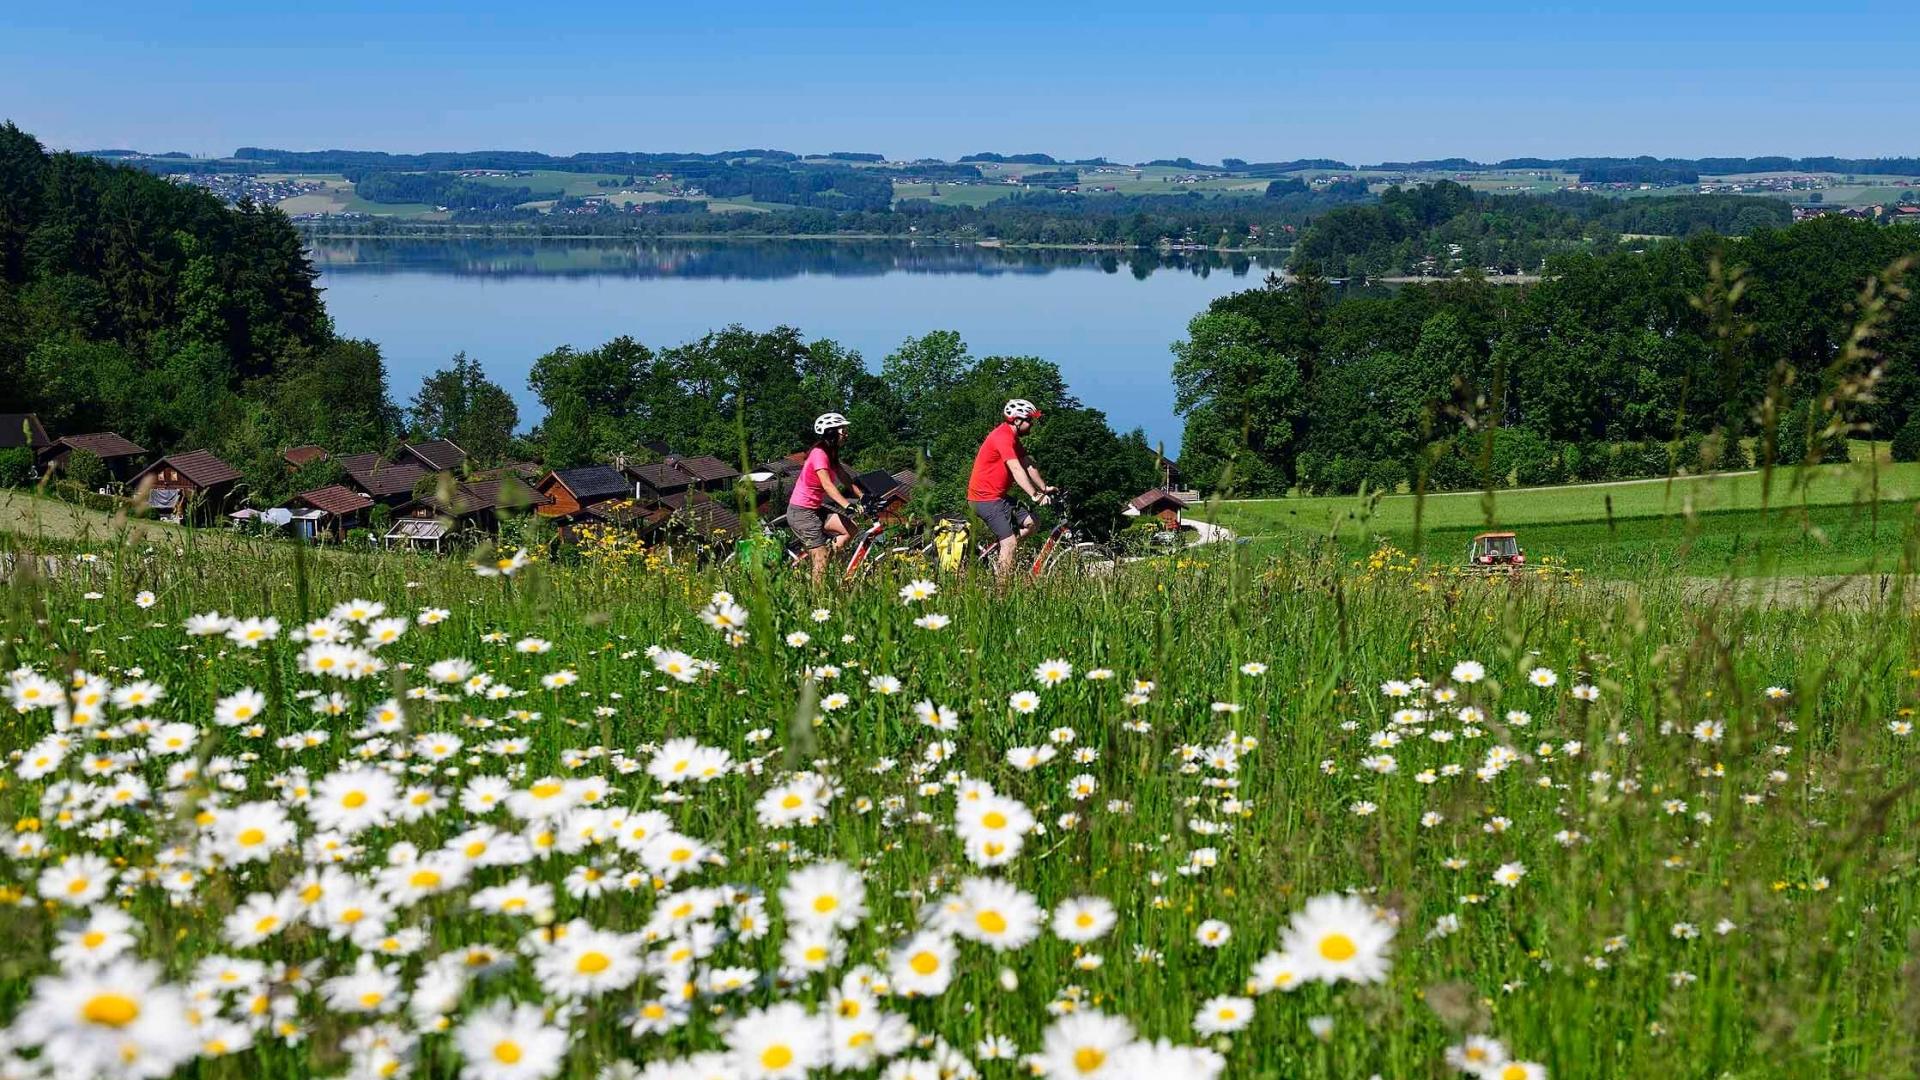 Salzburger Seenland - Radfahren in Lochen © Salzburger Seenland Velodrom - Eisele Hein